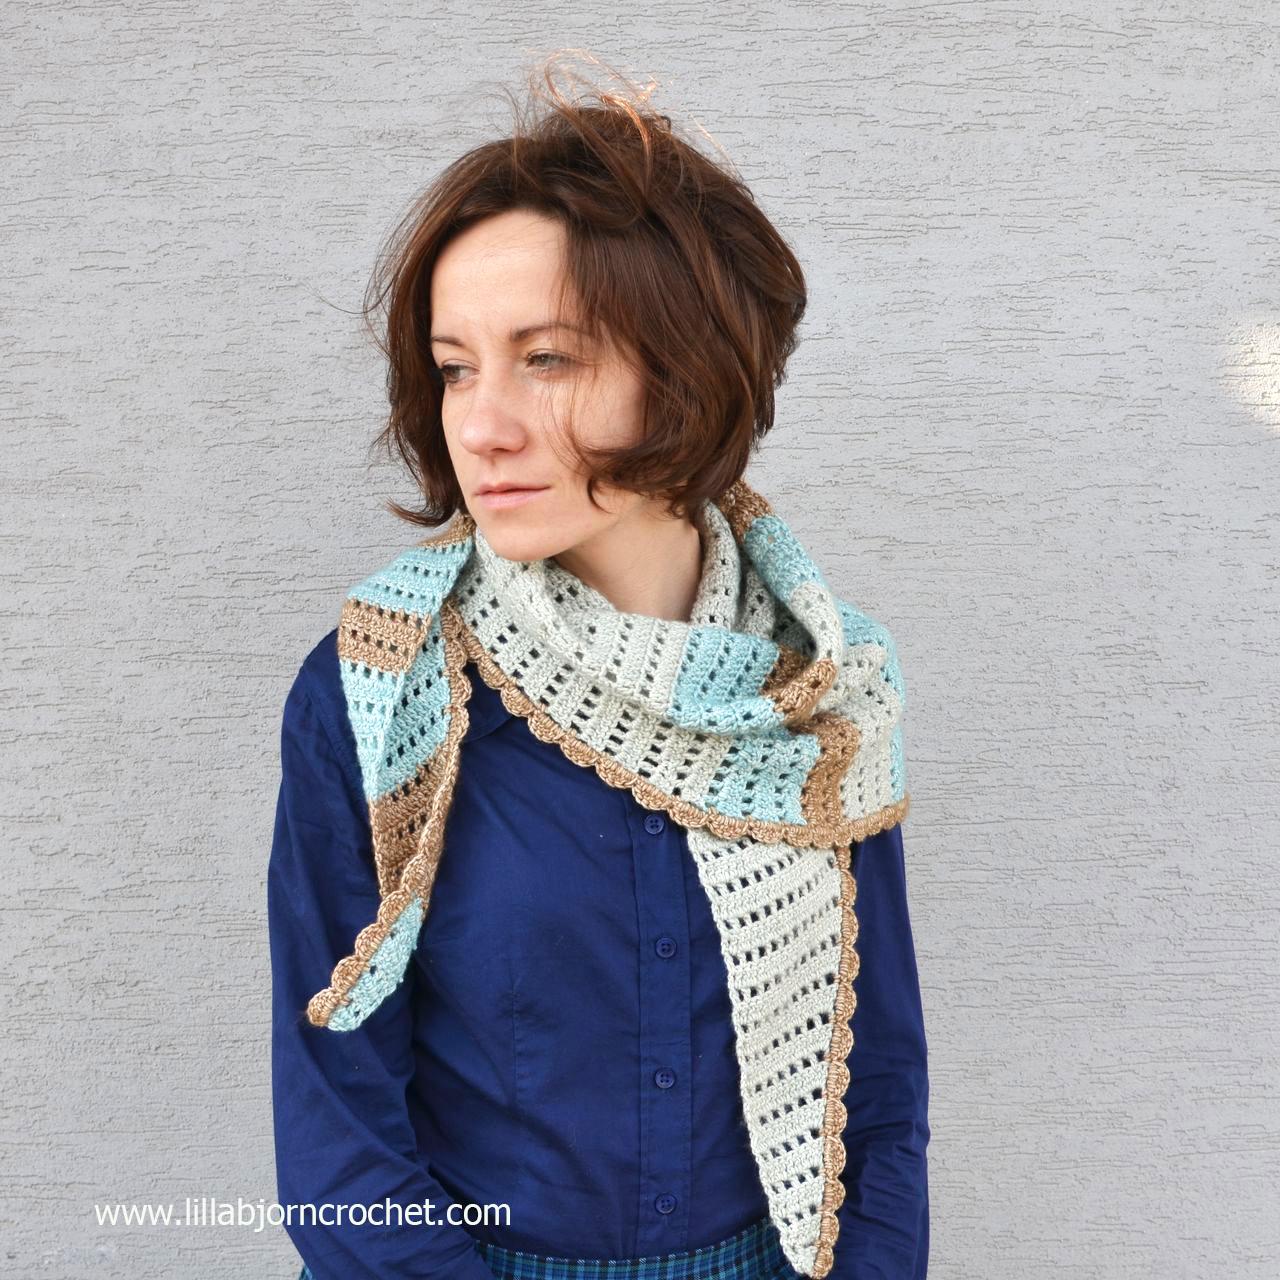 Windy Morning shawlette FREE crochet pattern by www.lillabjorncrochet.com